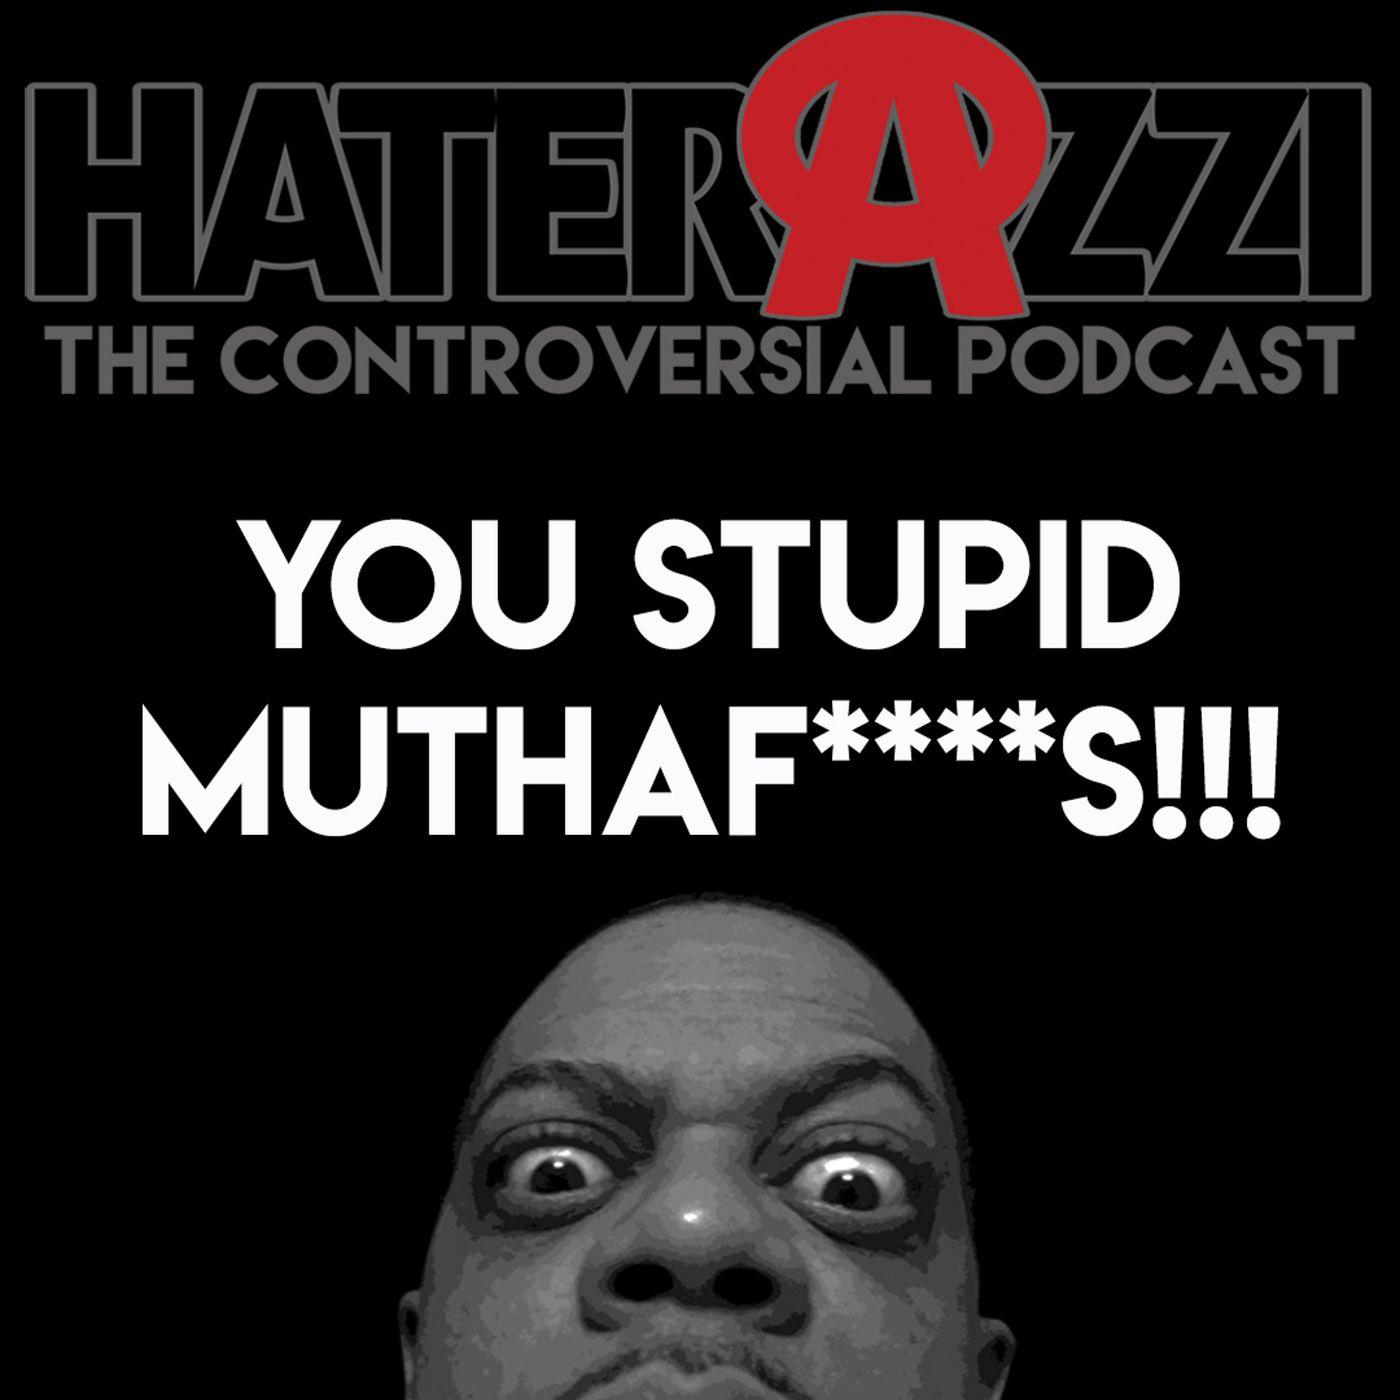 You Stupid MuthaF****s!!